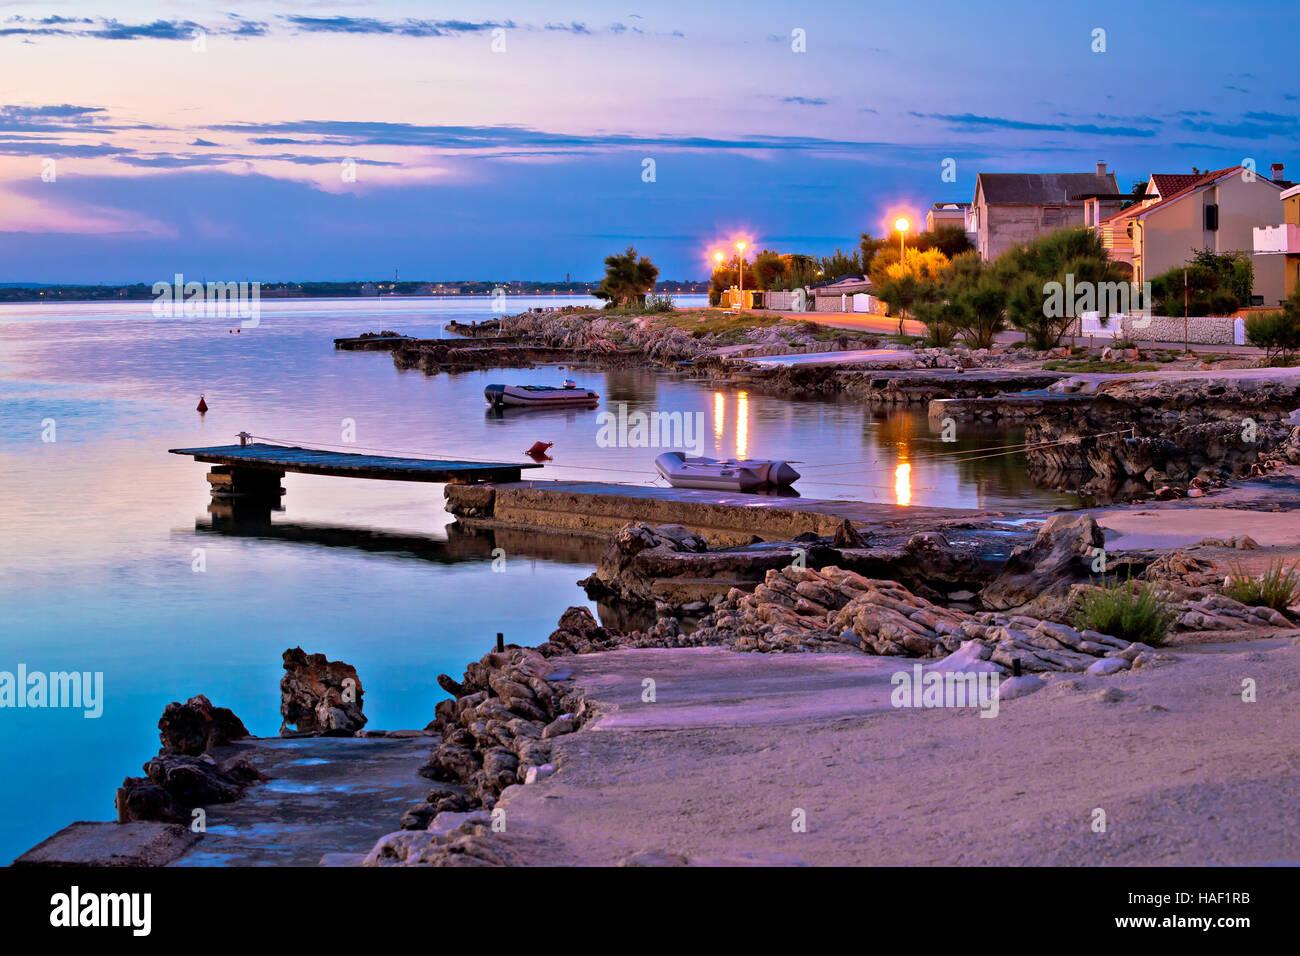 Île de Vir plage et front de mer à l'aube, la Dalmatie, Croatie Photo Stock